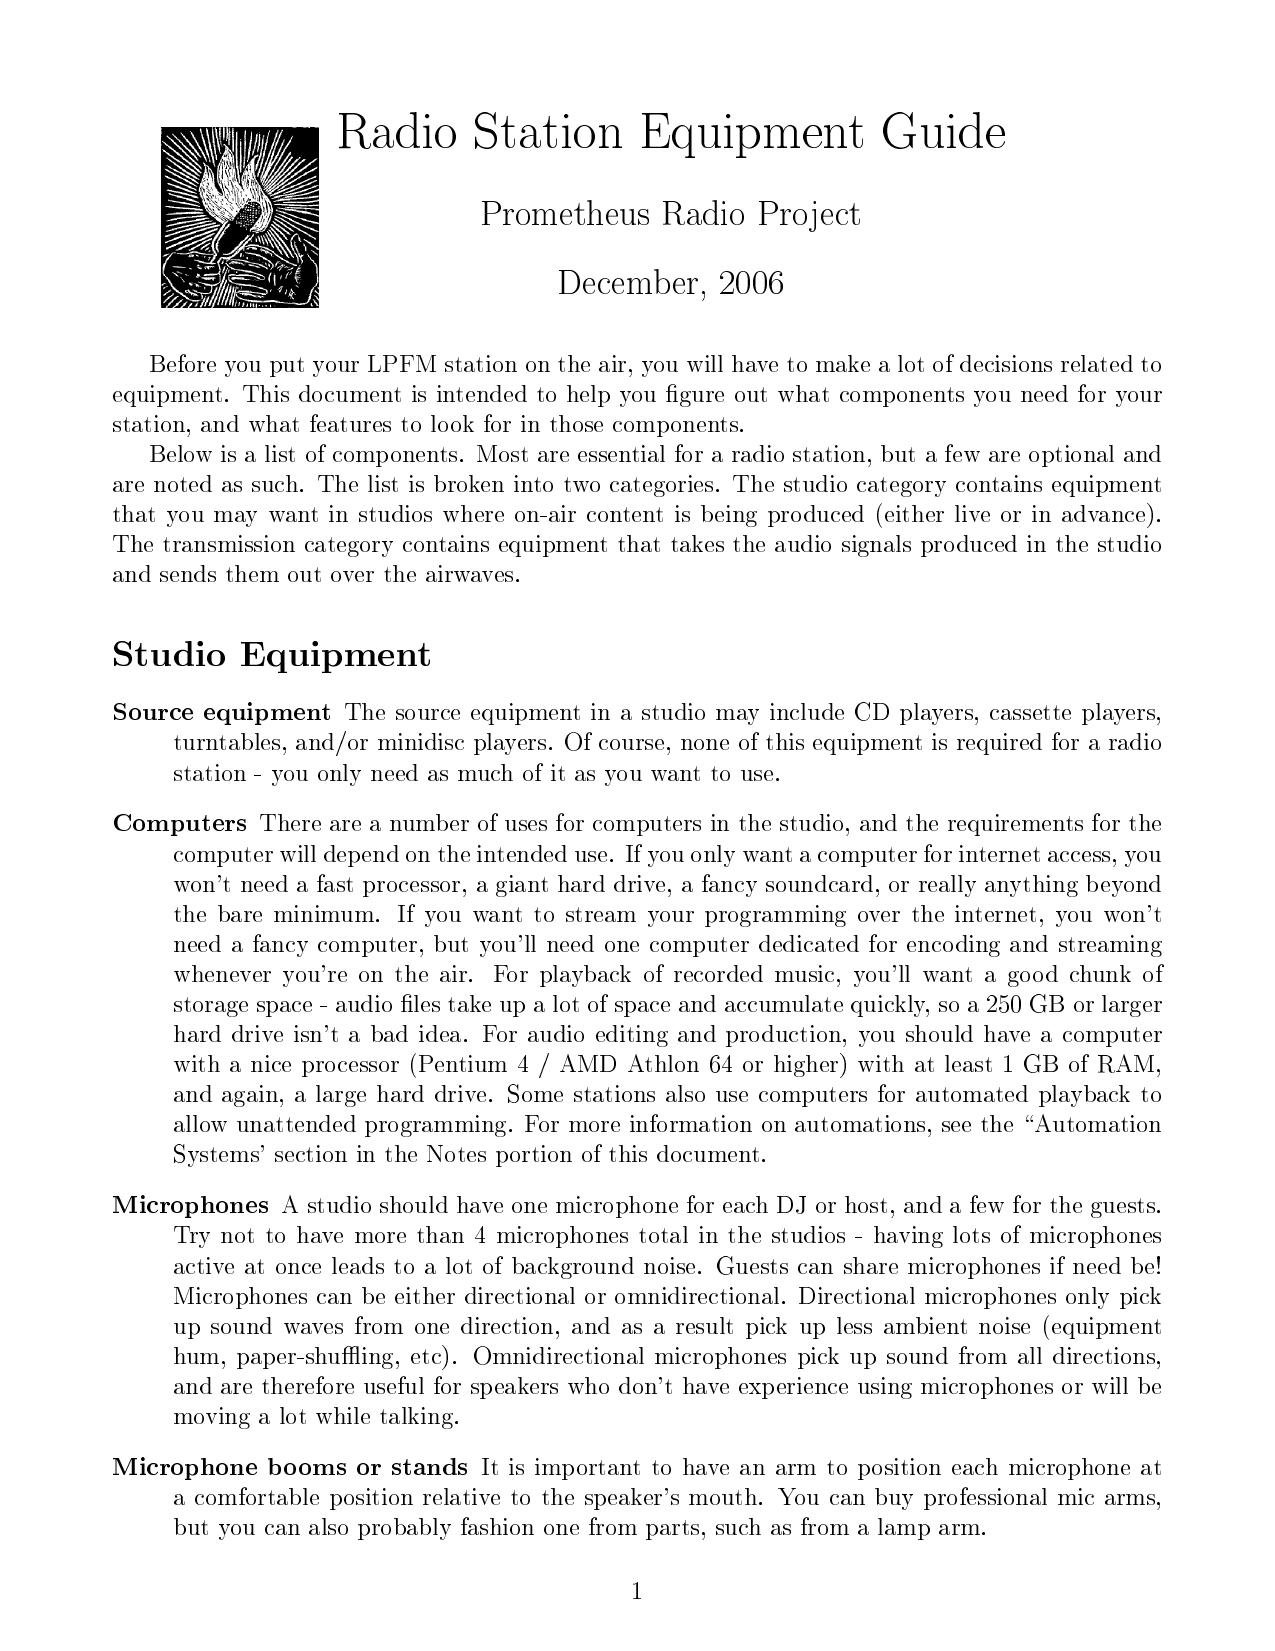 Radio Station Equipment Guide | manualzz com